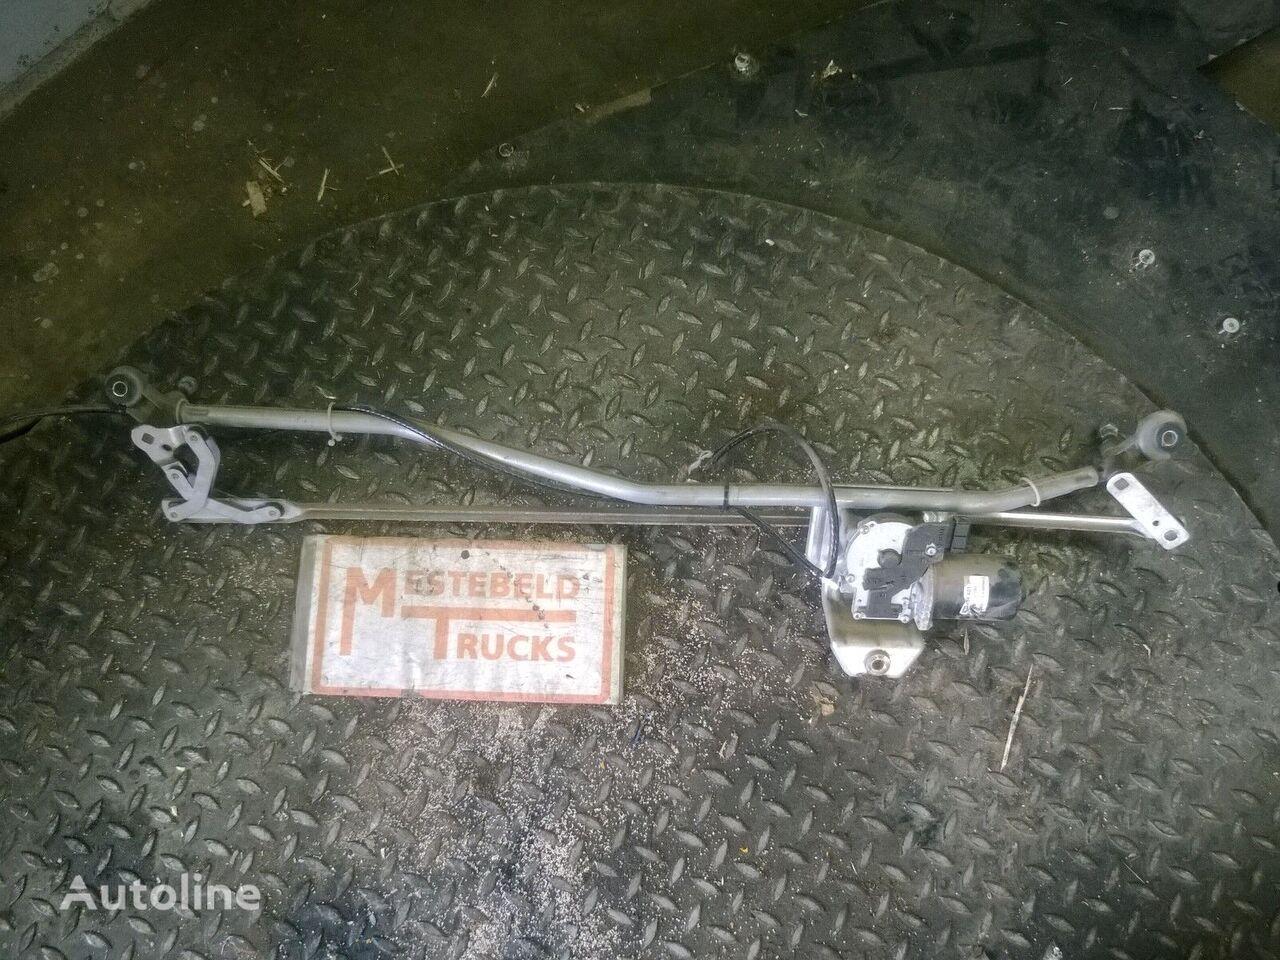 MERCEDES-BENZ ruitenwissermechanisme voor MERCEDES-BENZ vrachtwagen